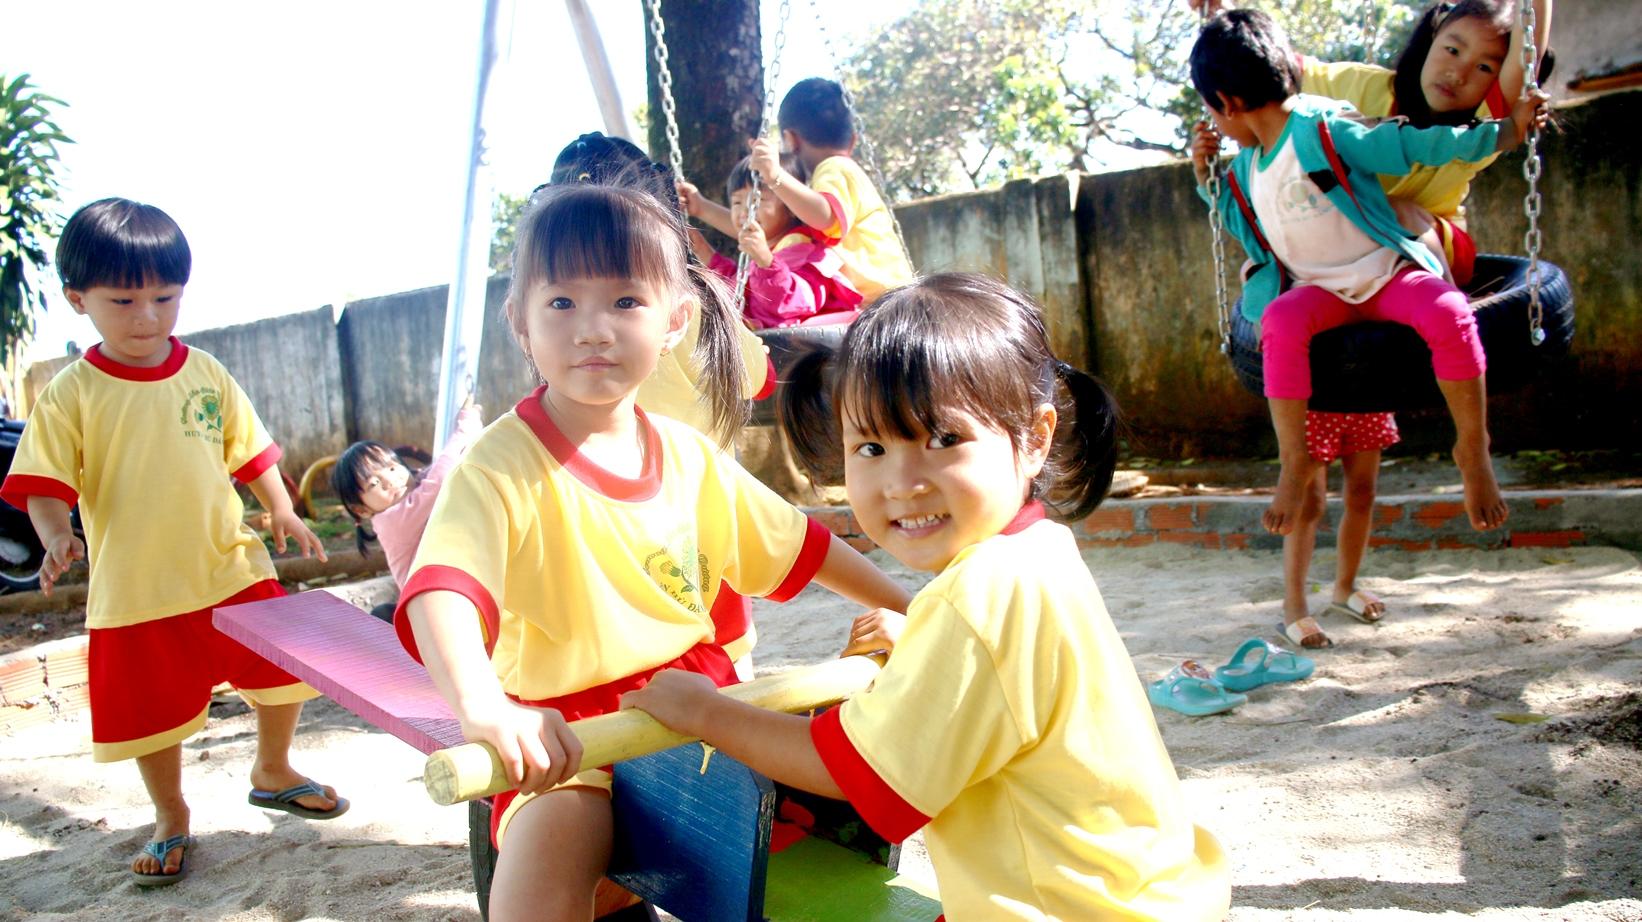 Home Credit tiếp tục tài trợ hoạt động khuyến học tại Bình Phước  - Ảnh 2